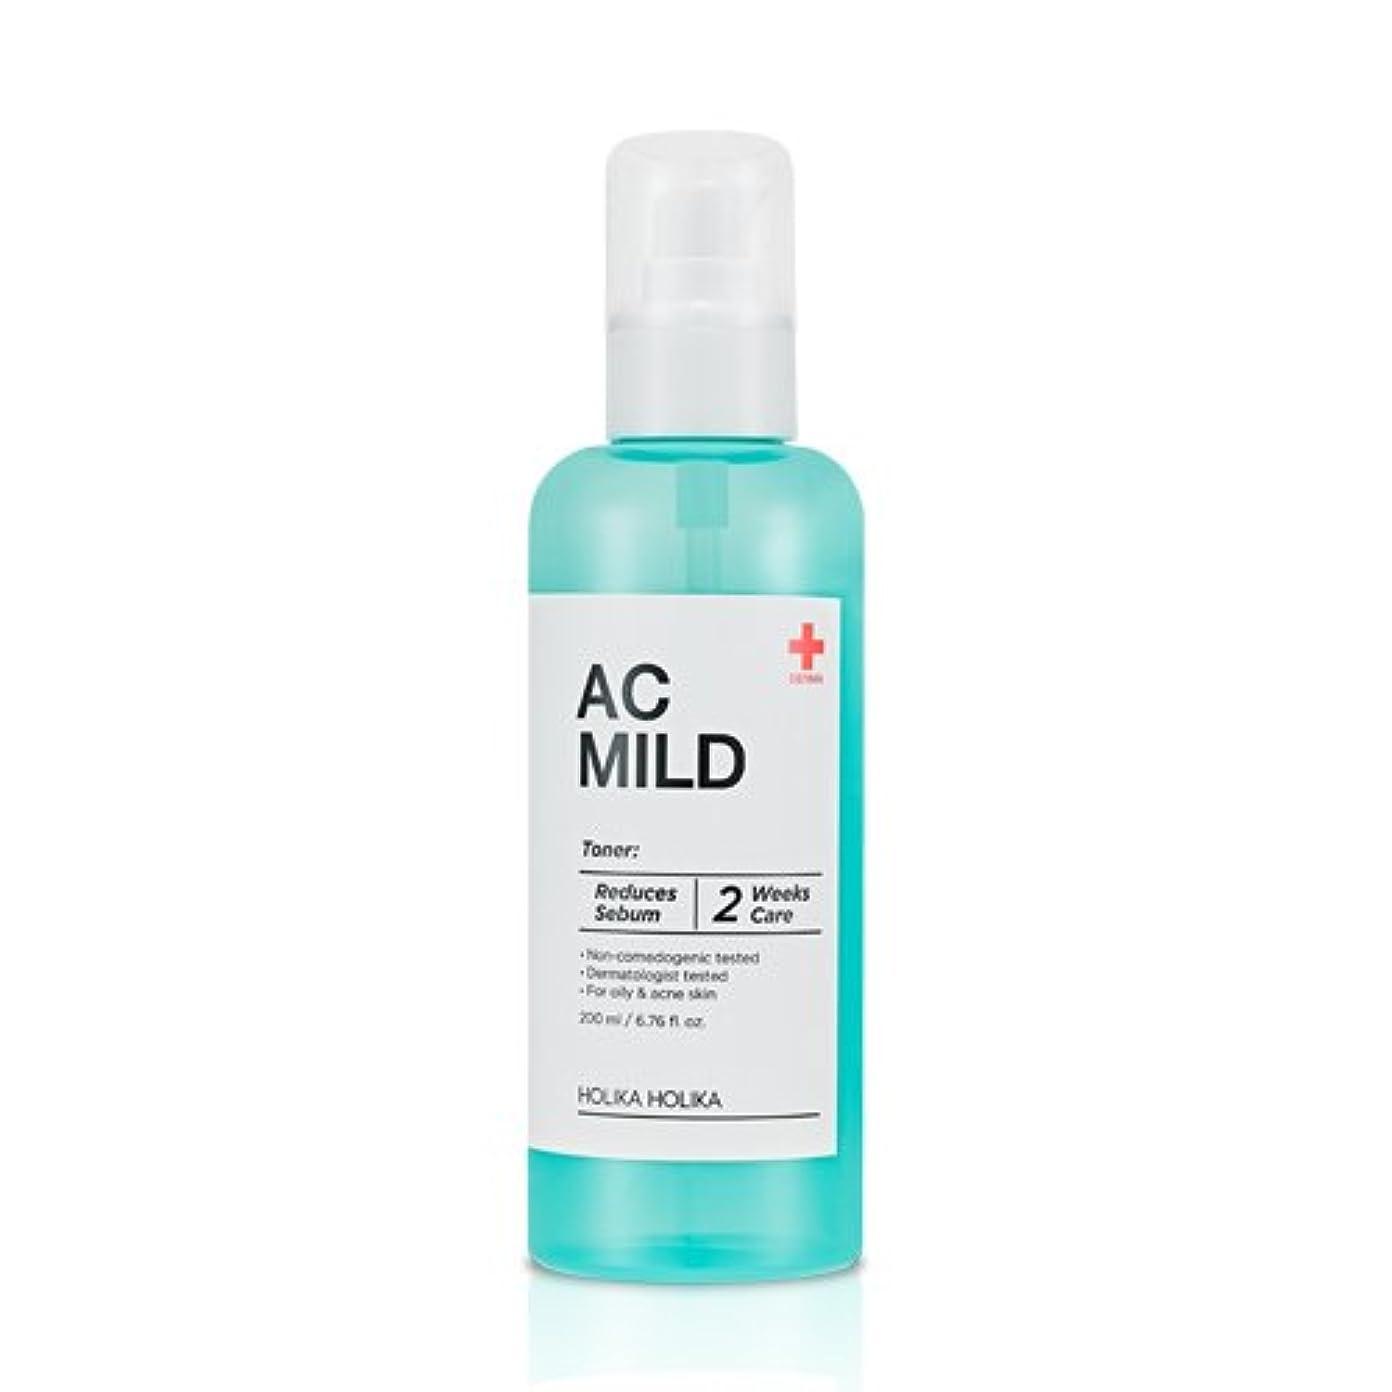 フリルコントラスト自分のためにホリカホリカ ACマイルドスキントナー/HolikaHolika AC Mild Skin Toner 200ml?化粧水 [並行輸入品]